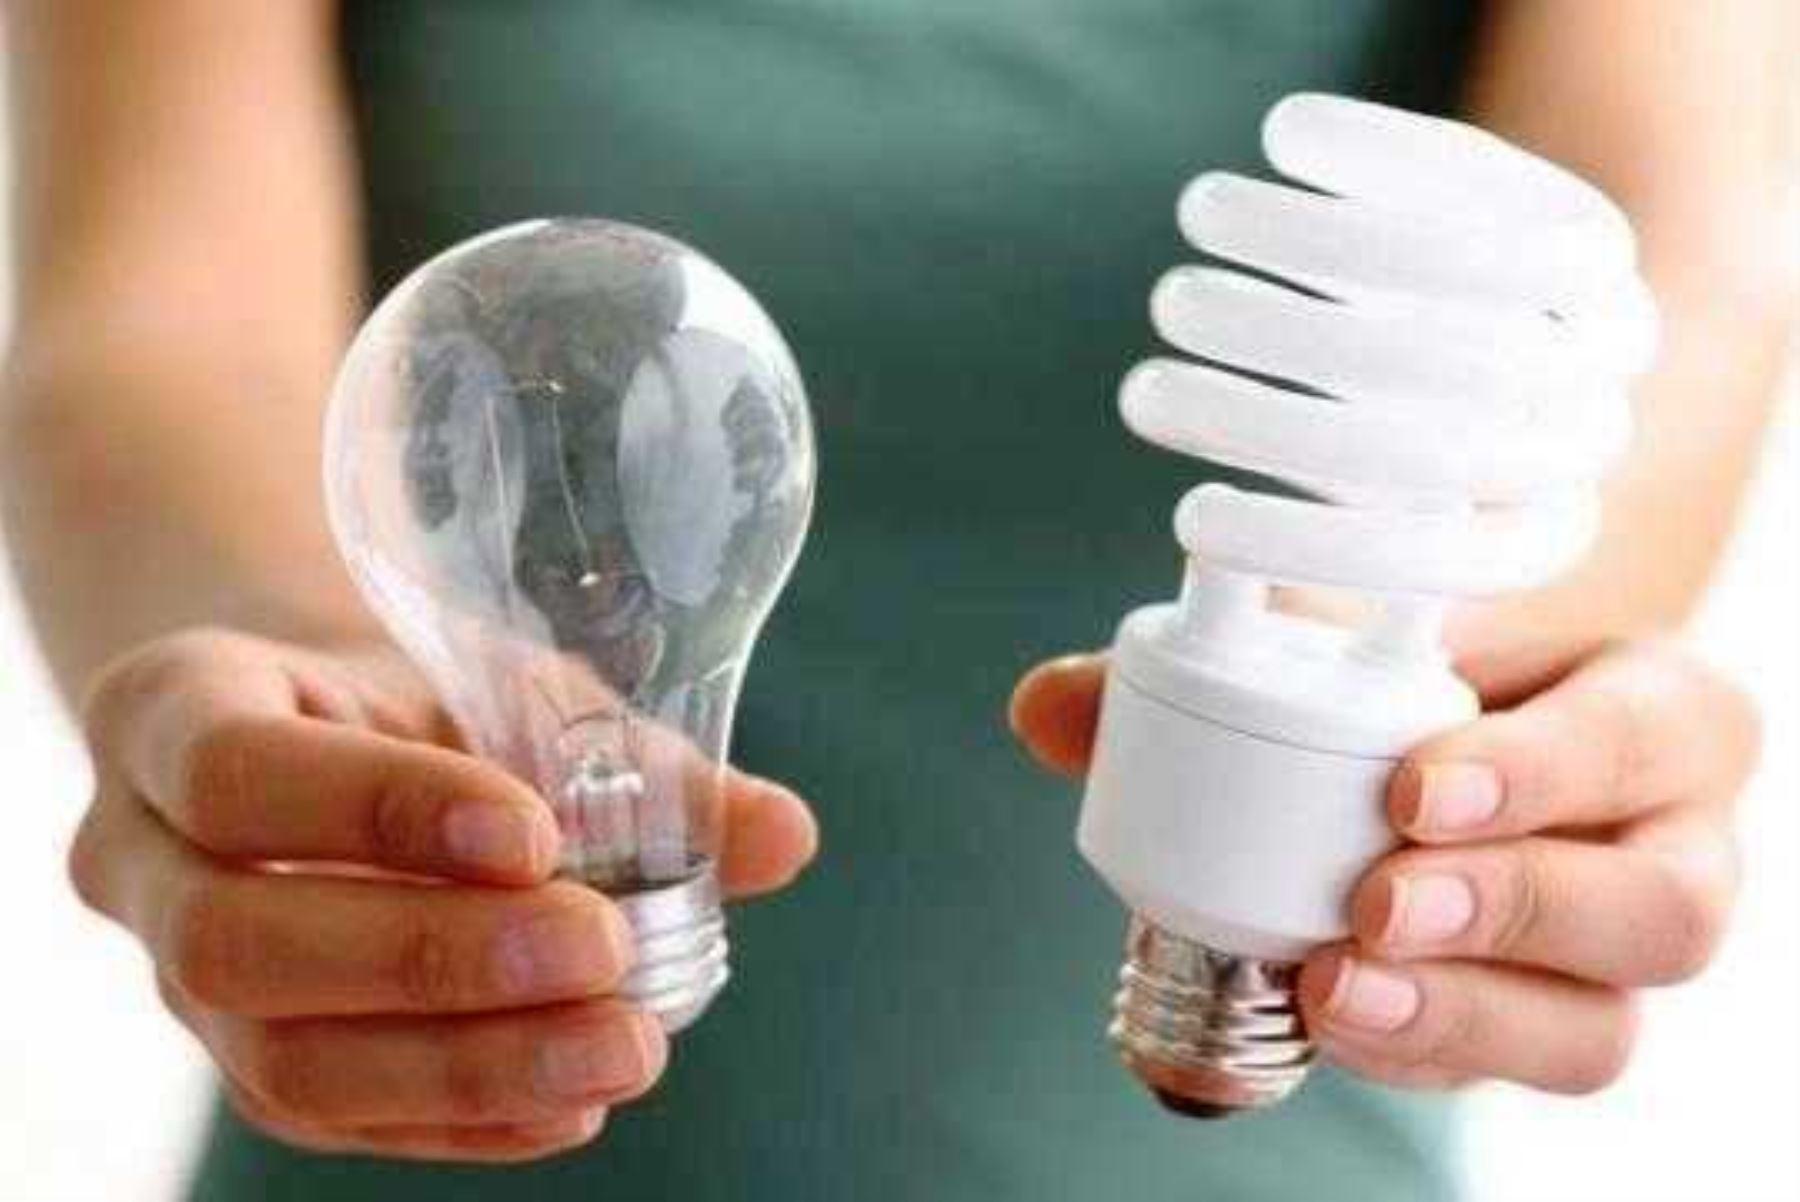 Hora del Planeta: cómo usar la energía de manera eficiente. Foto: ANDINA/Difusión.